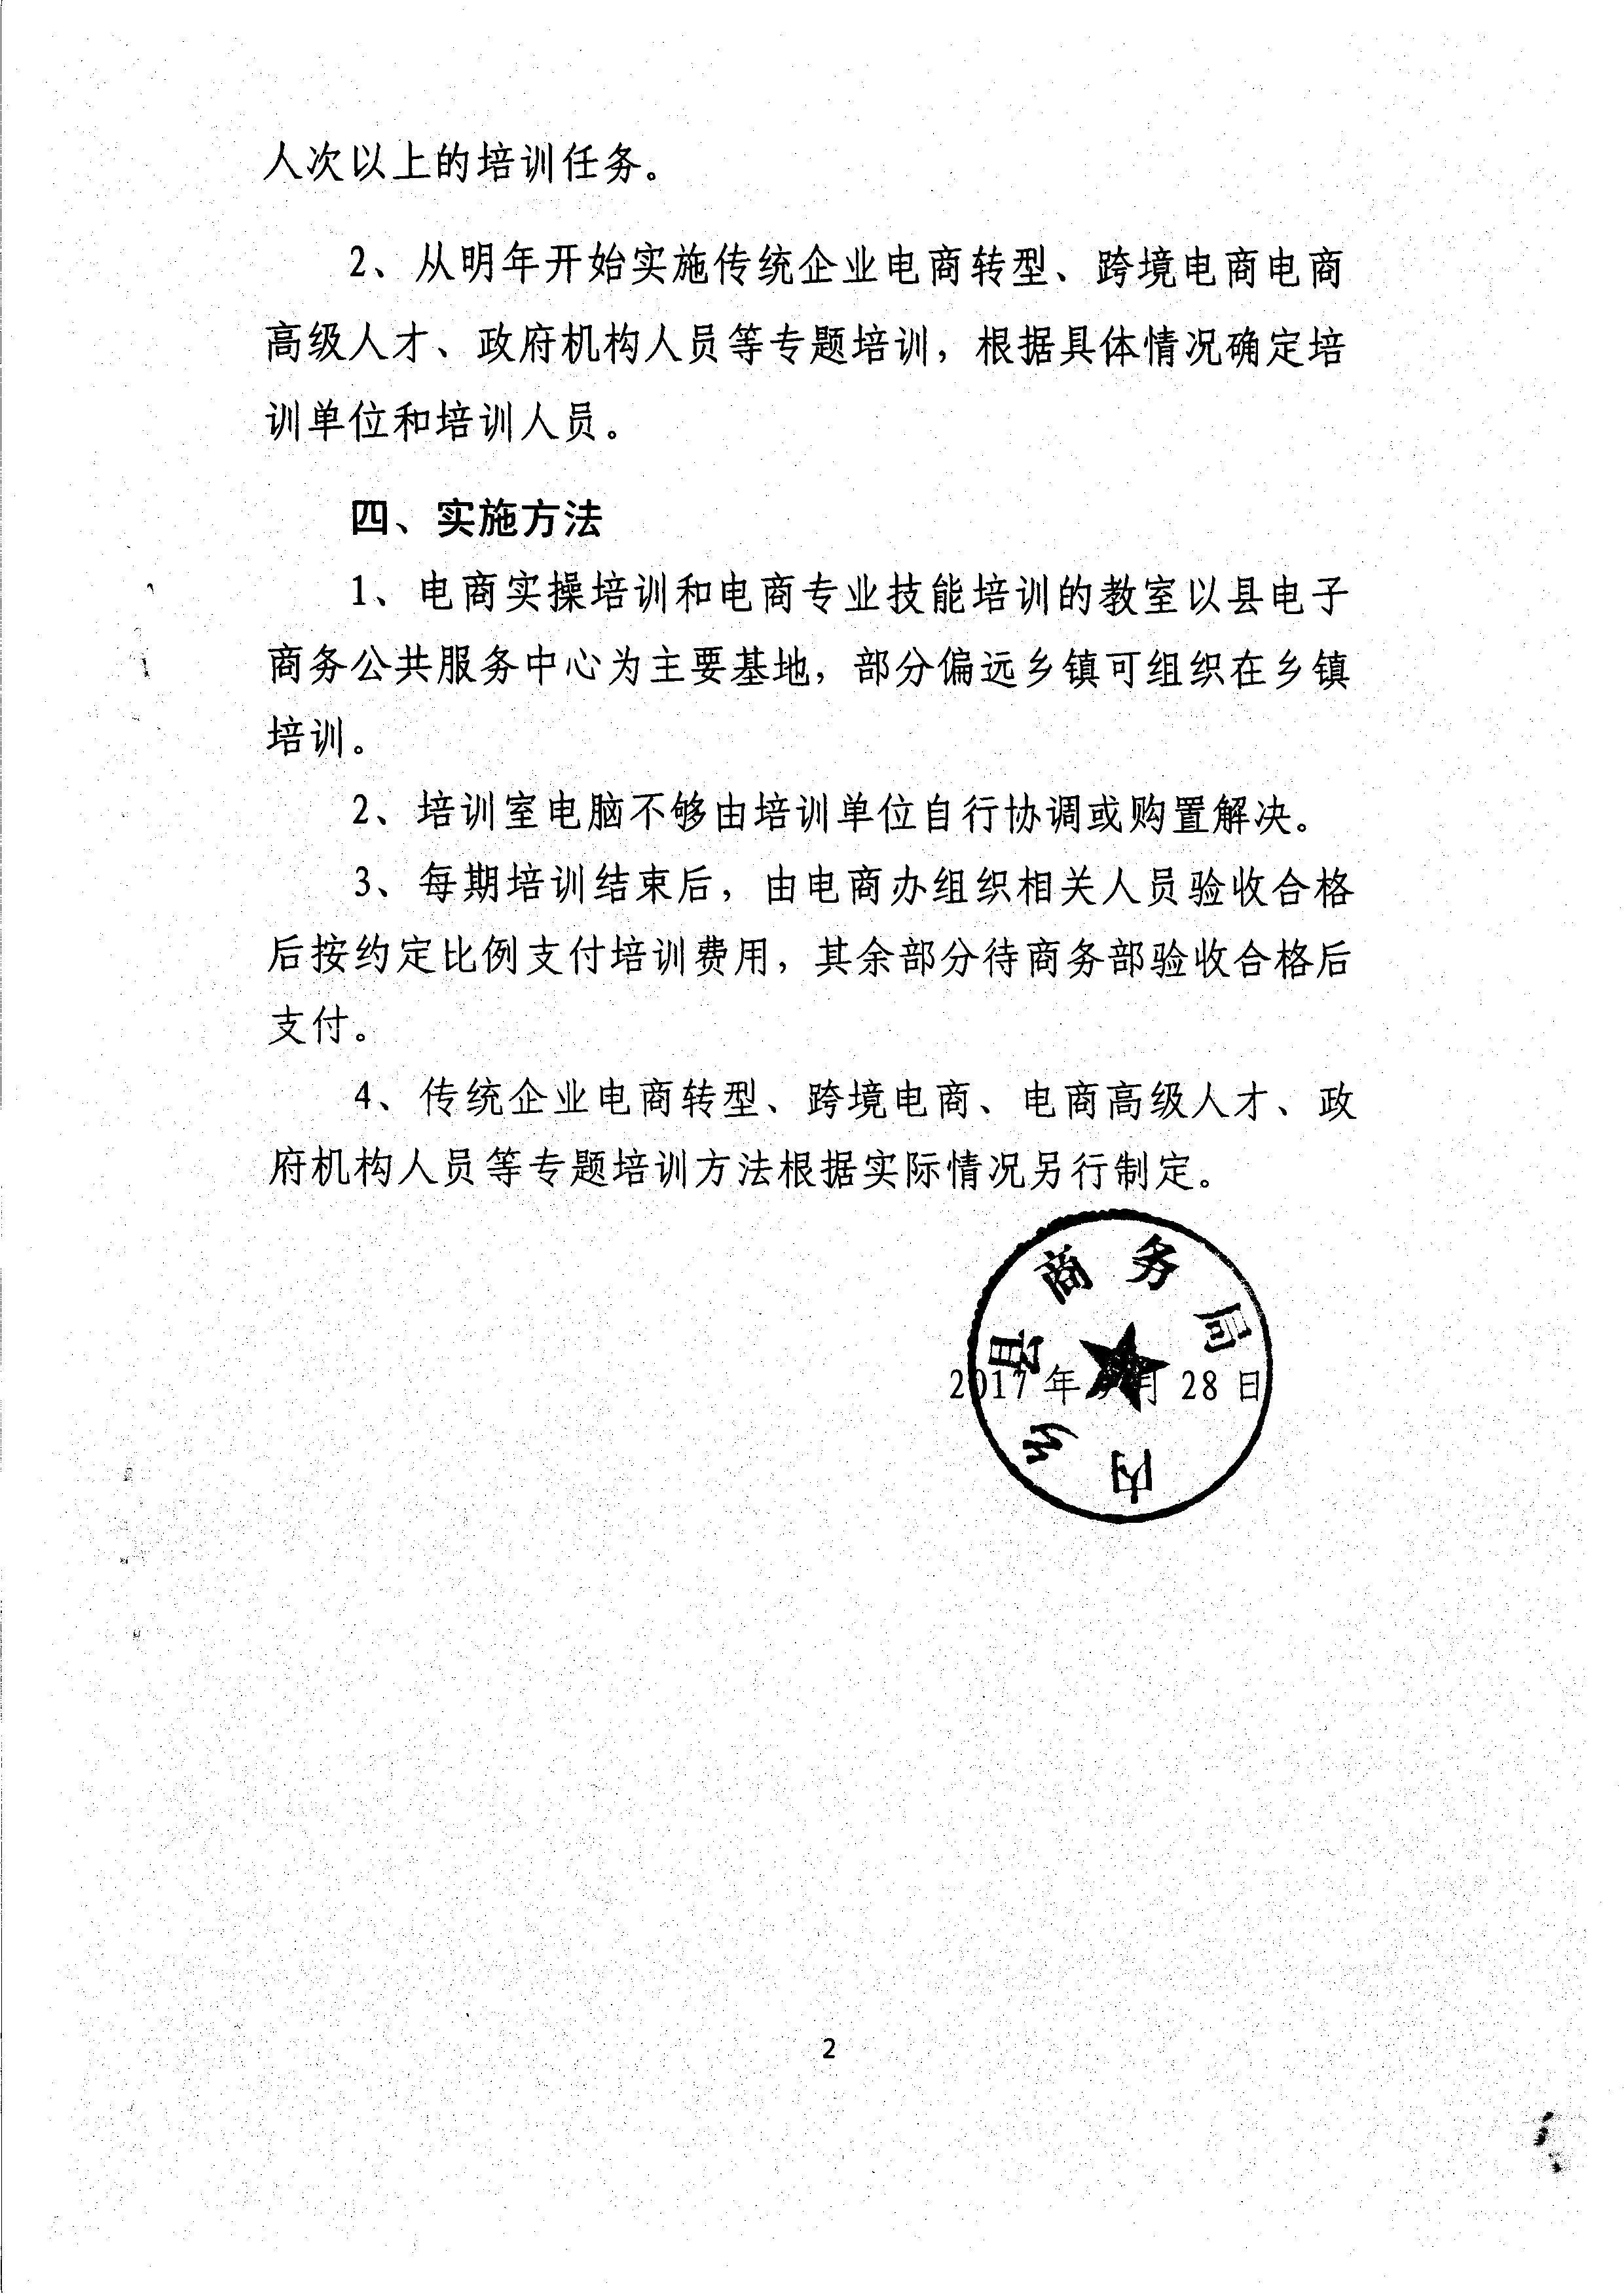 内乡县电子商务人才培训实施方案2